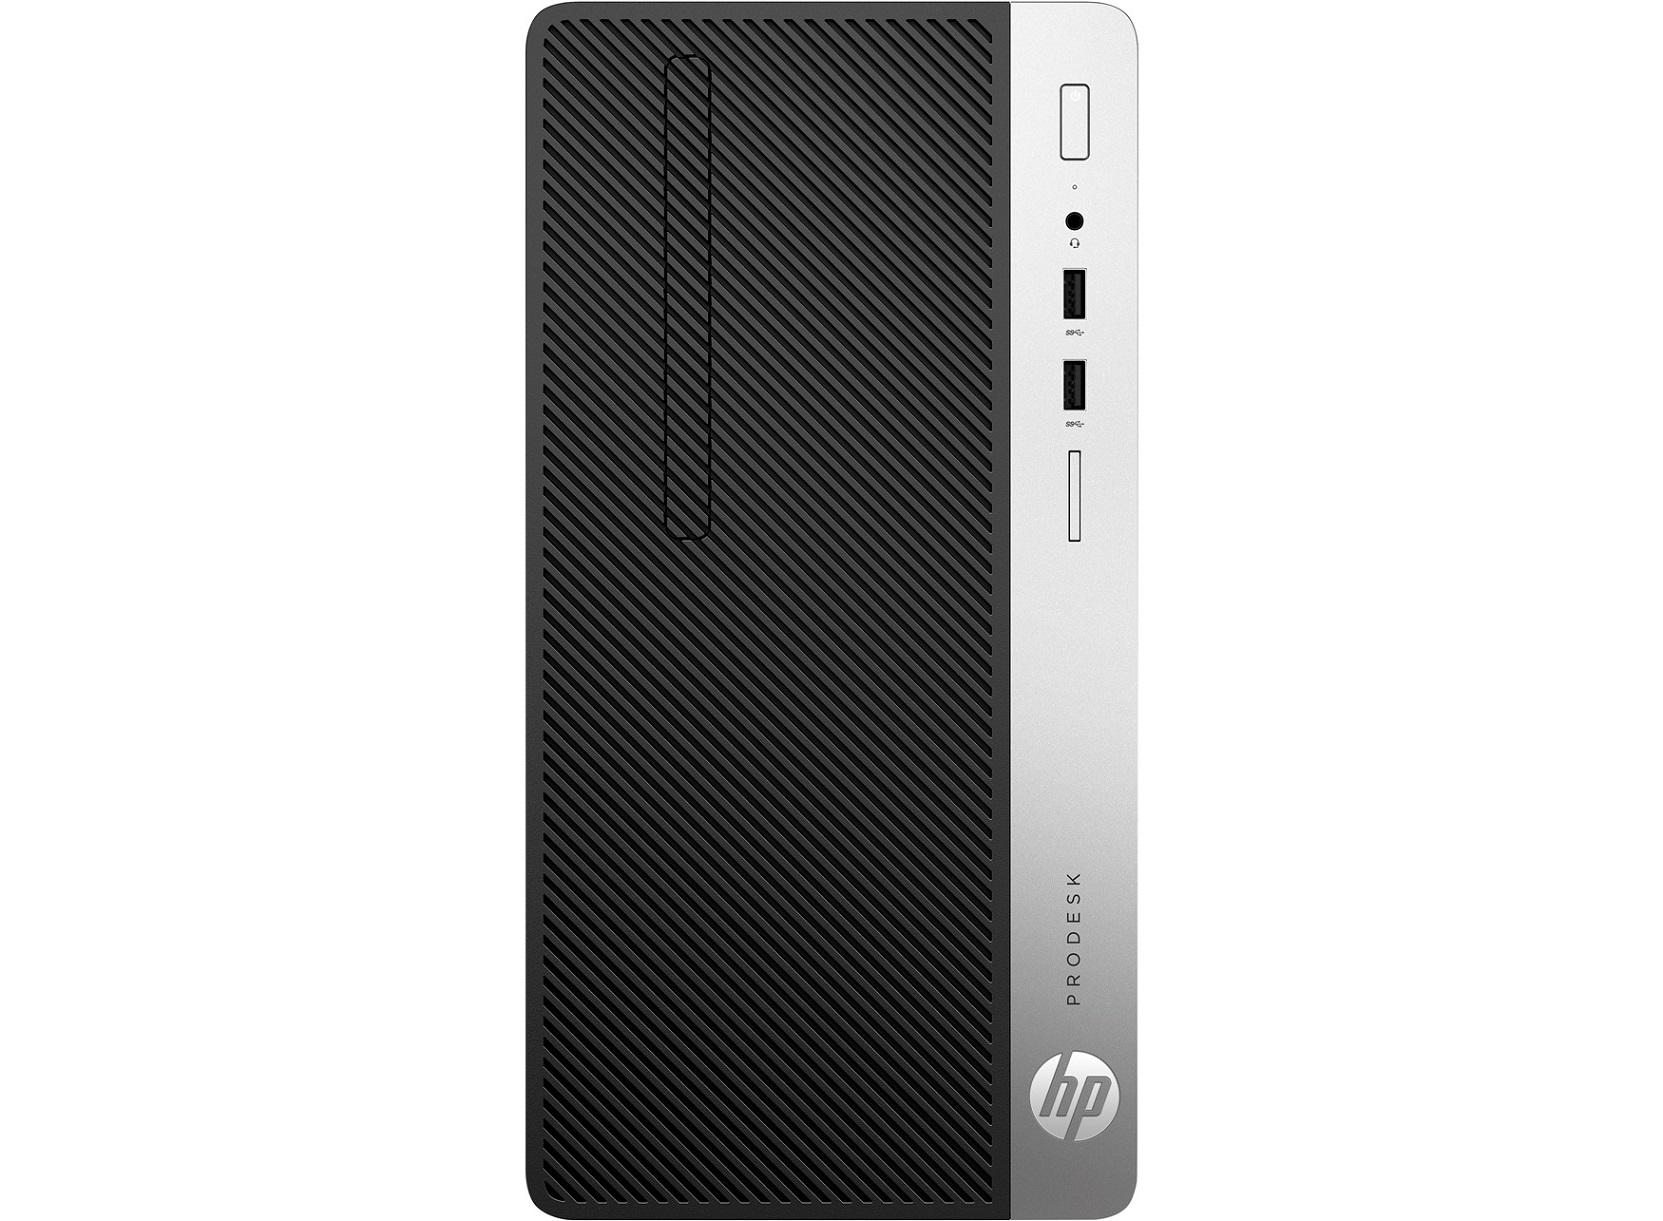 HP ProDesk 400G5 MT Intel i7-8700 / 8GB / 1TB HDD/ Intel HD / DVD-RW/ W10 Pro